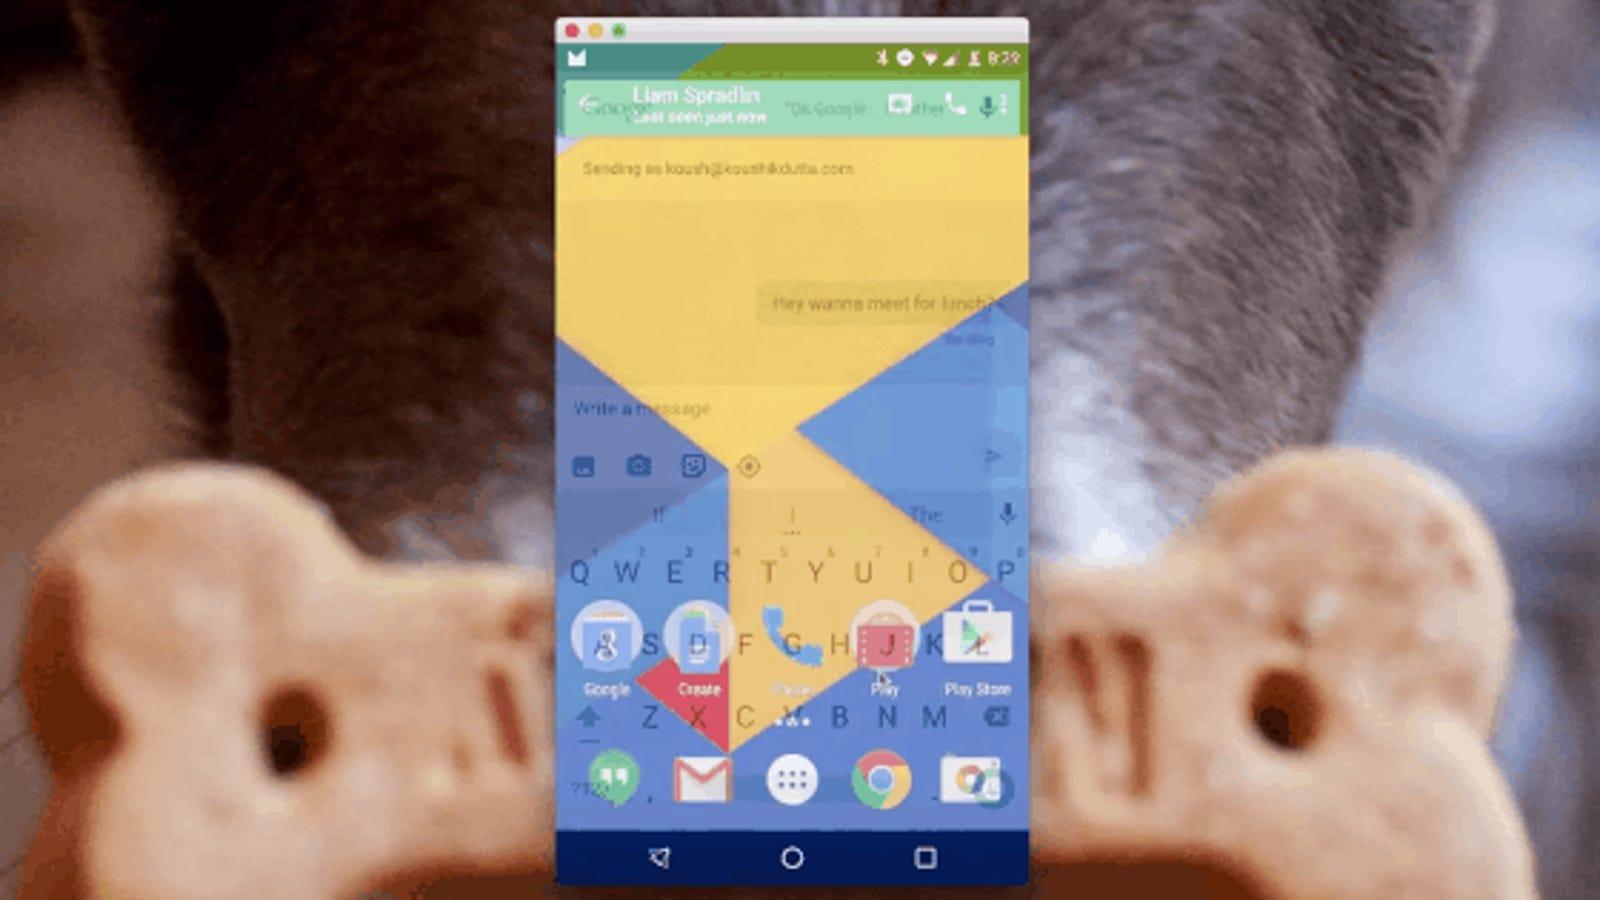 Con esta app podrás controlar por completo tu Android desde el escritorio